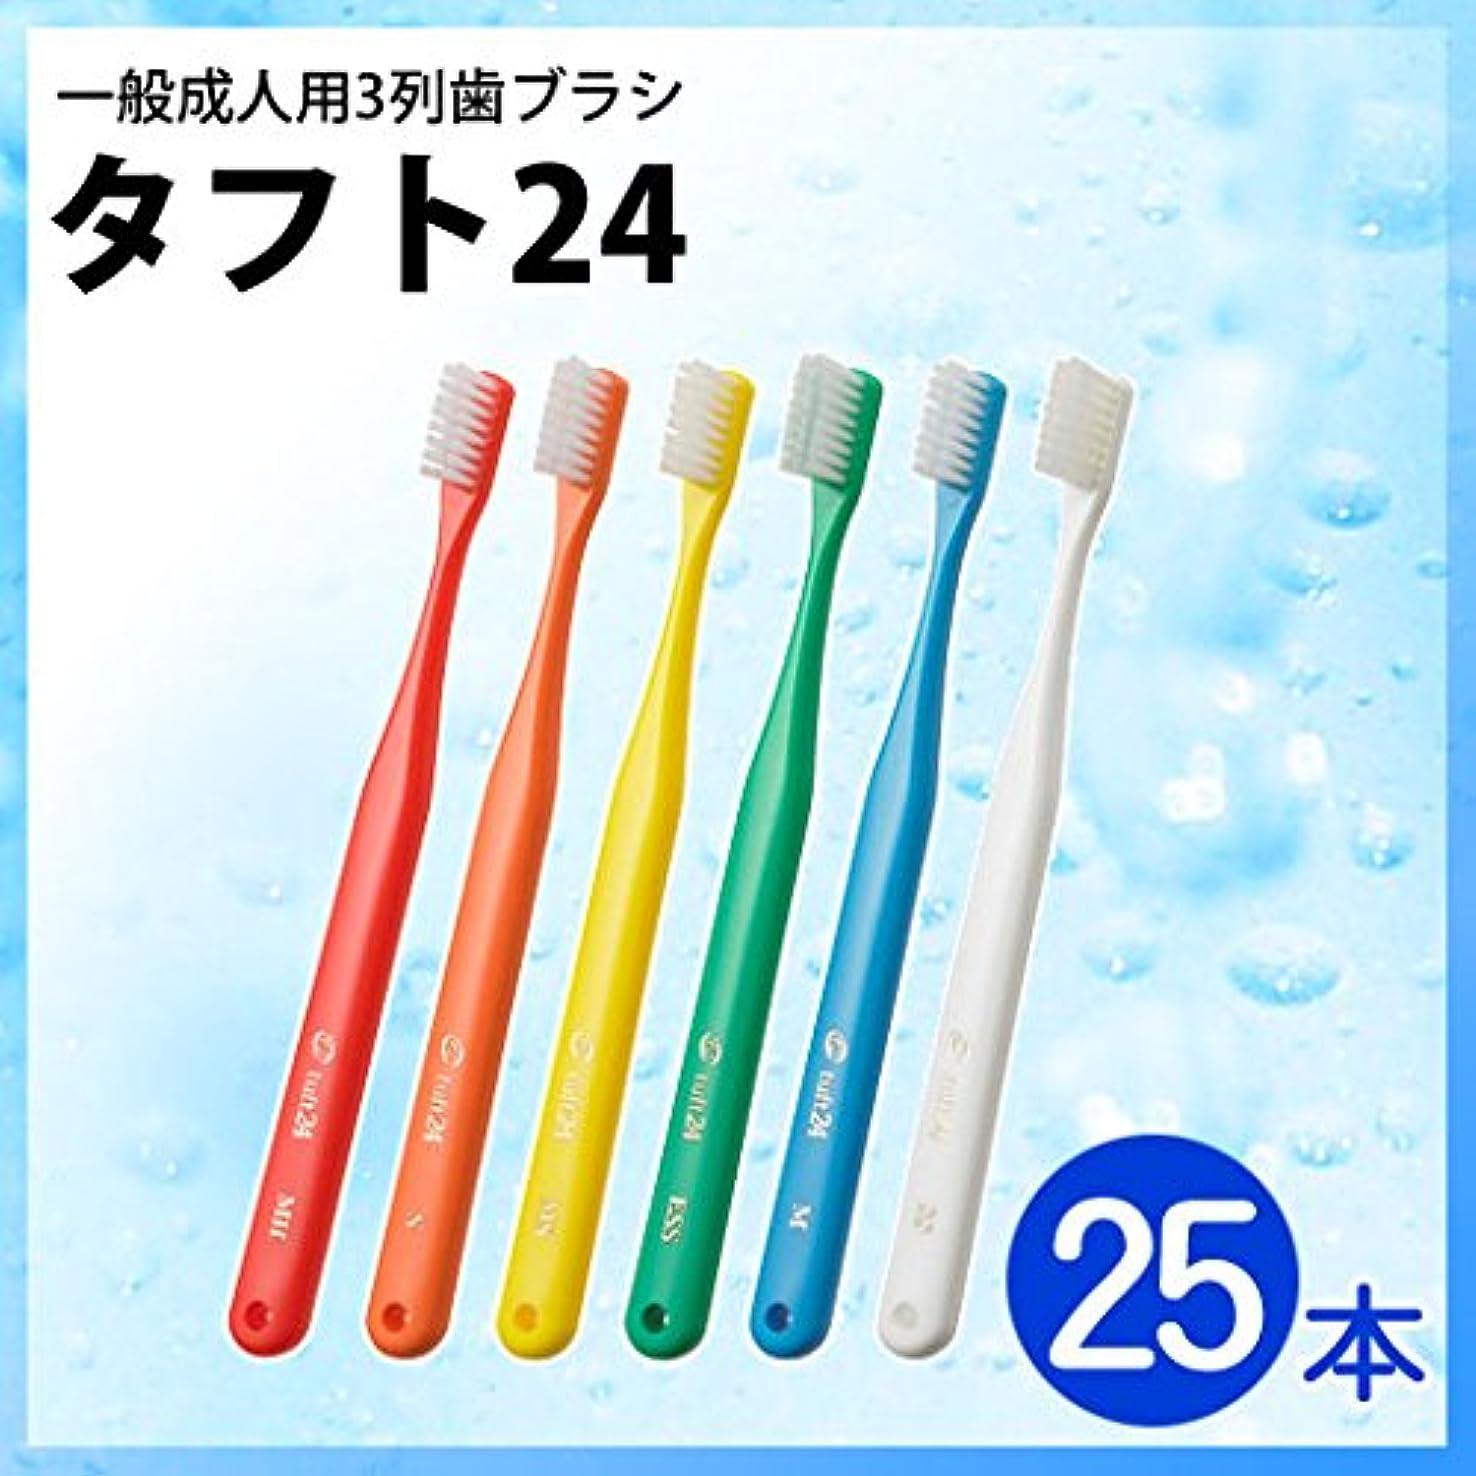 動かすめる優れましたタフト24 【歯ブラシ/タフト】25本セットオーラルケア タフト24 一般成人用 3列歯ブラシ MS(ミディアムソフト) グリーン